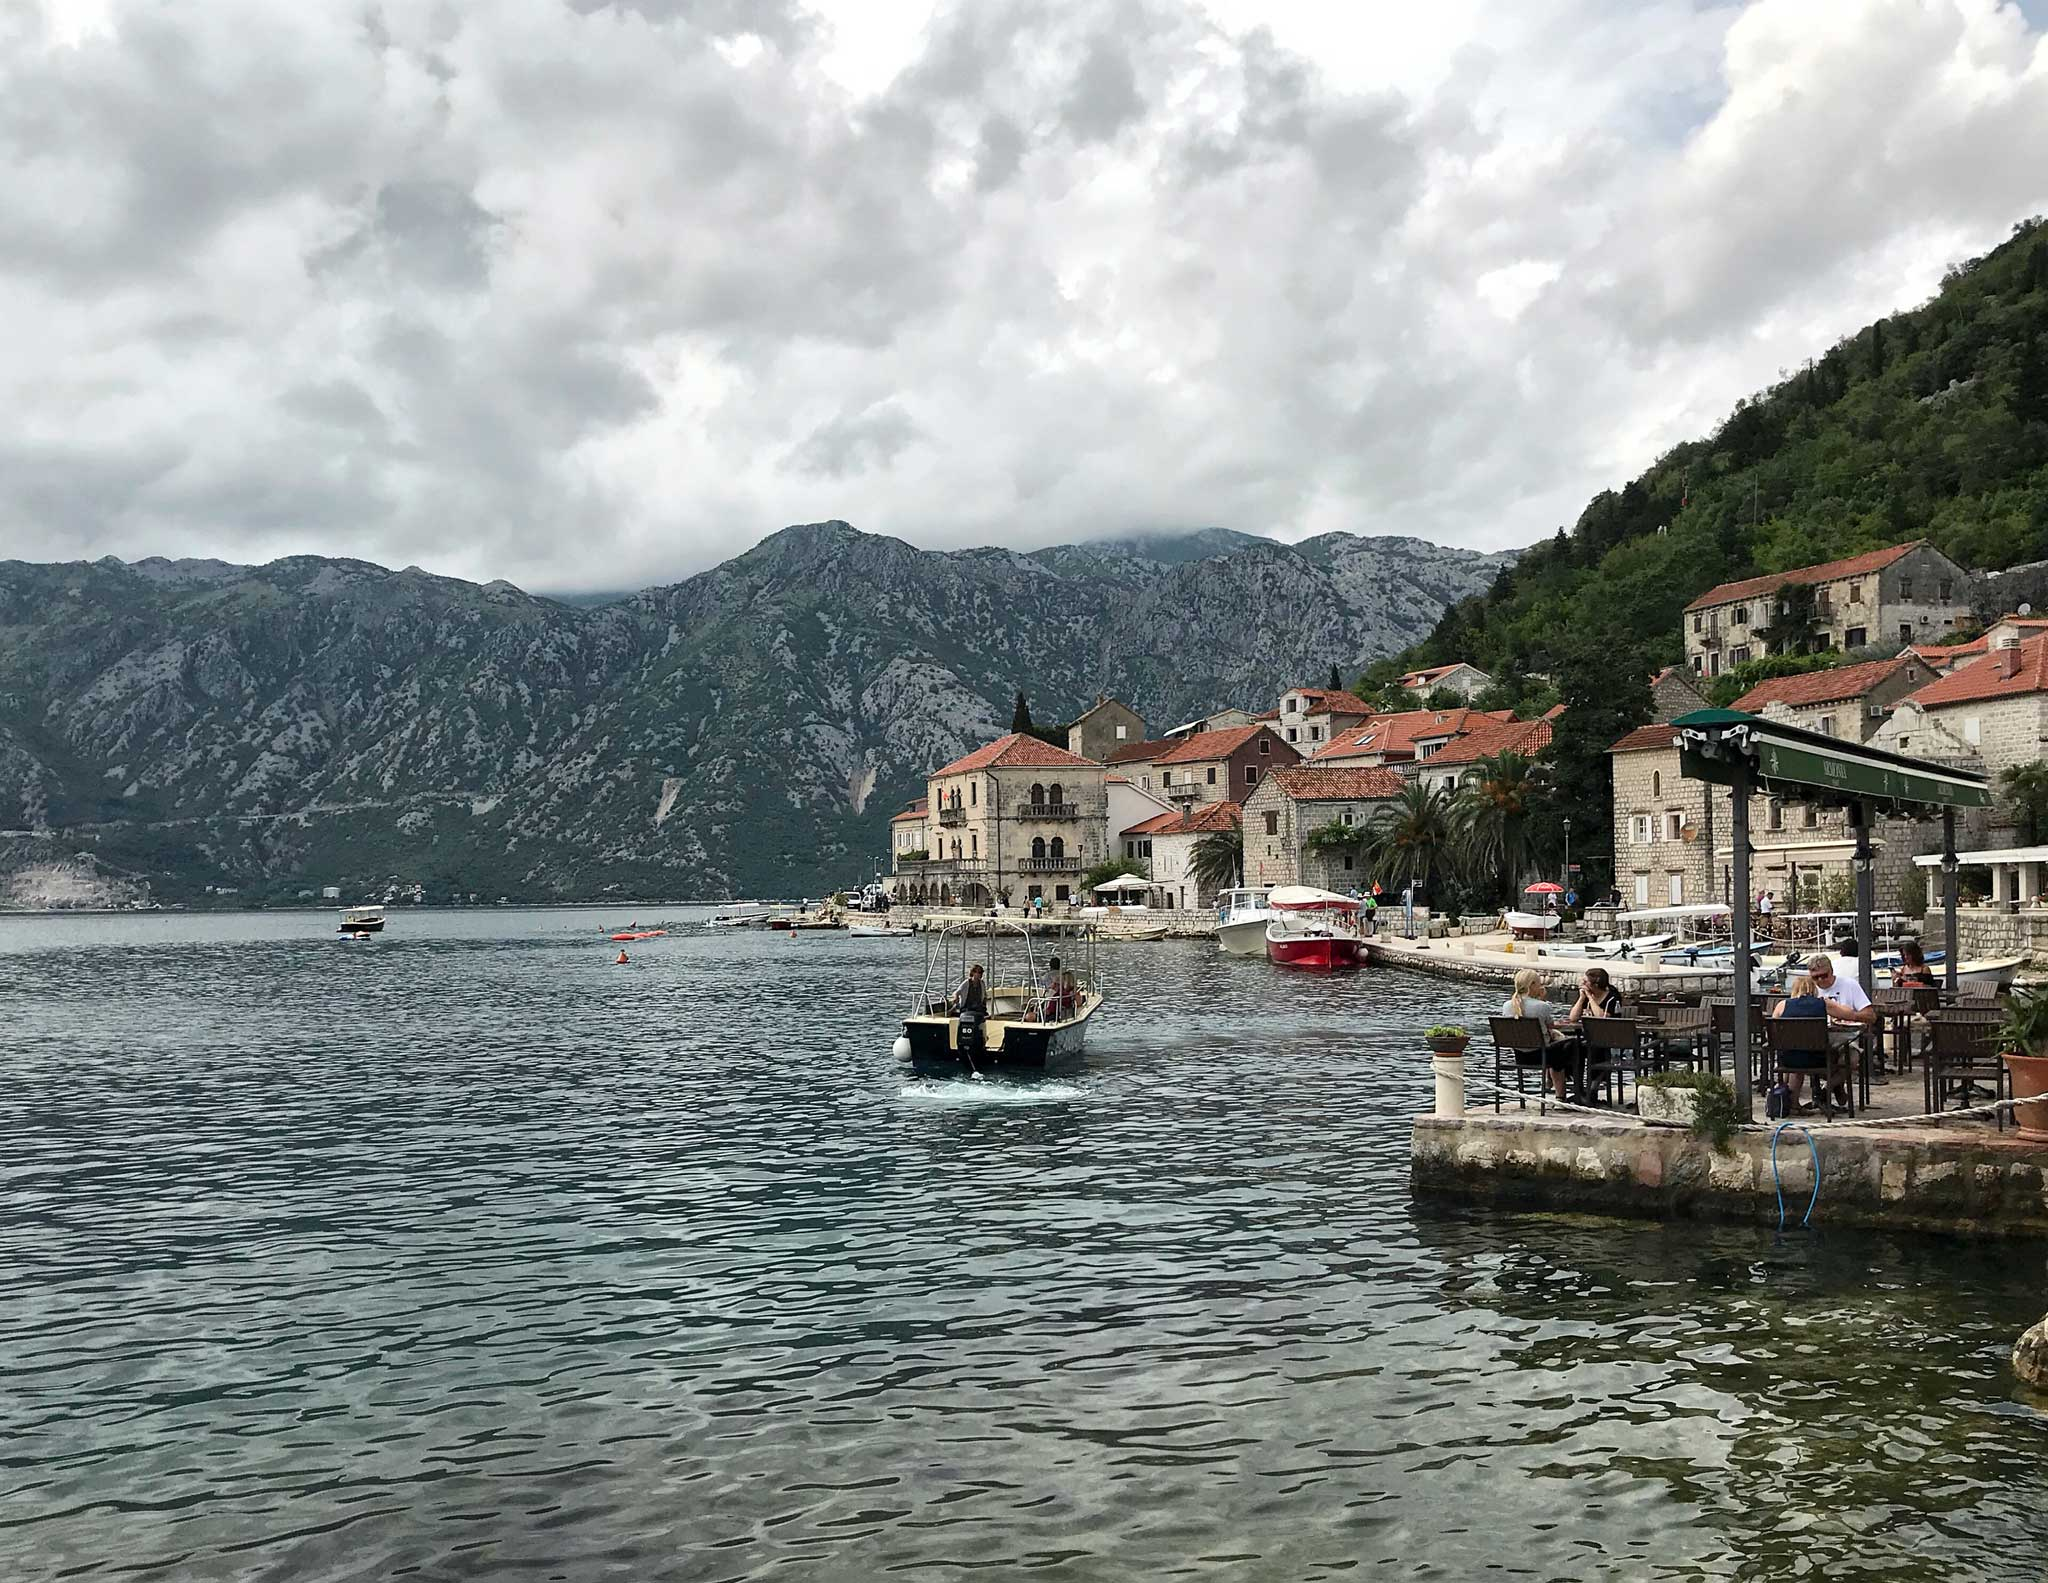 Perast-Montenegro-lungomare-Bocche-di-Cattaro-barca-scorcio-ristorante-turisti